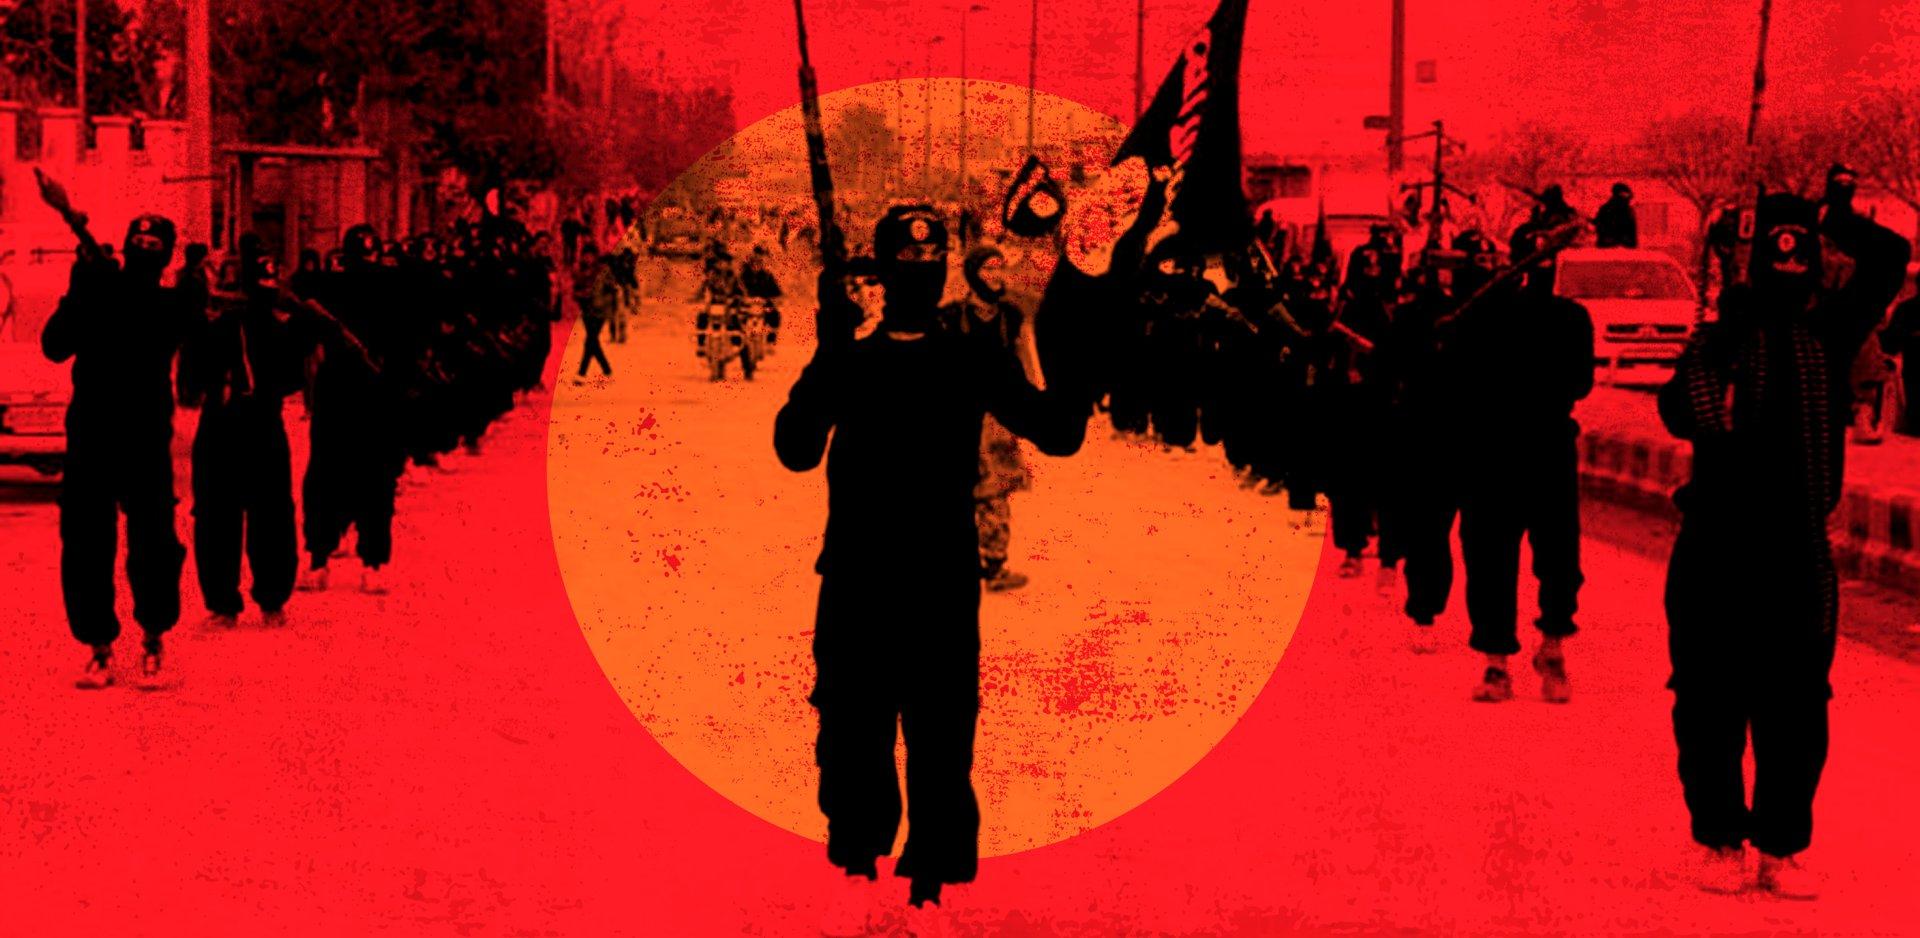 IŞİD'in yeni taktiği deşifre edildi: 'Sığınmacı kimliğine bürünmek'